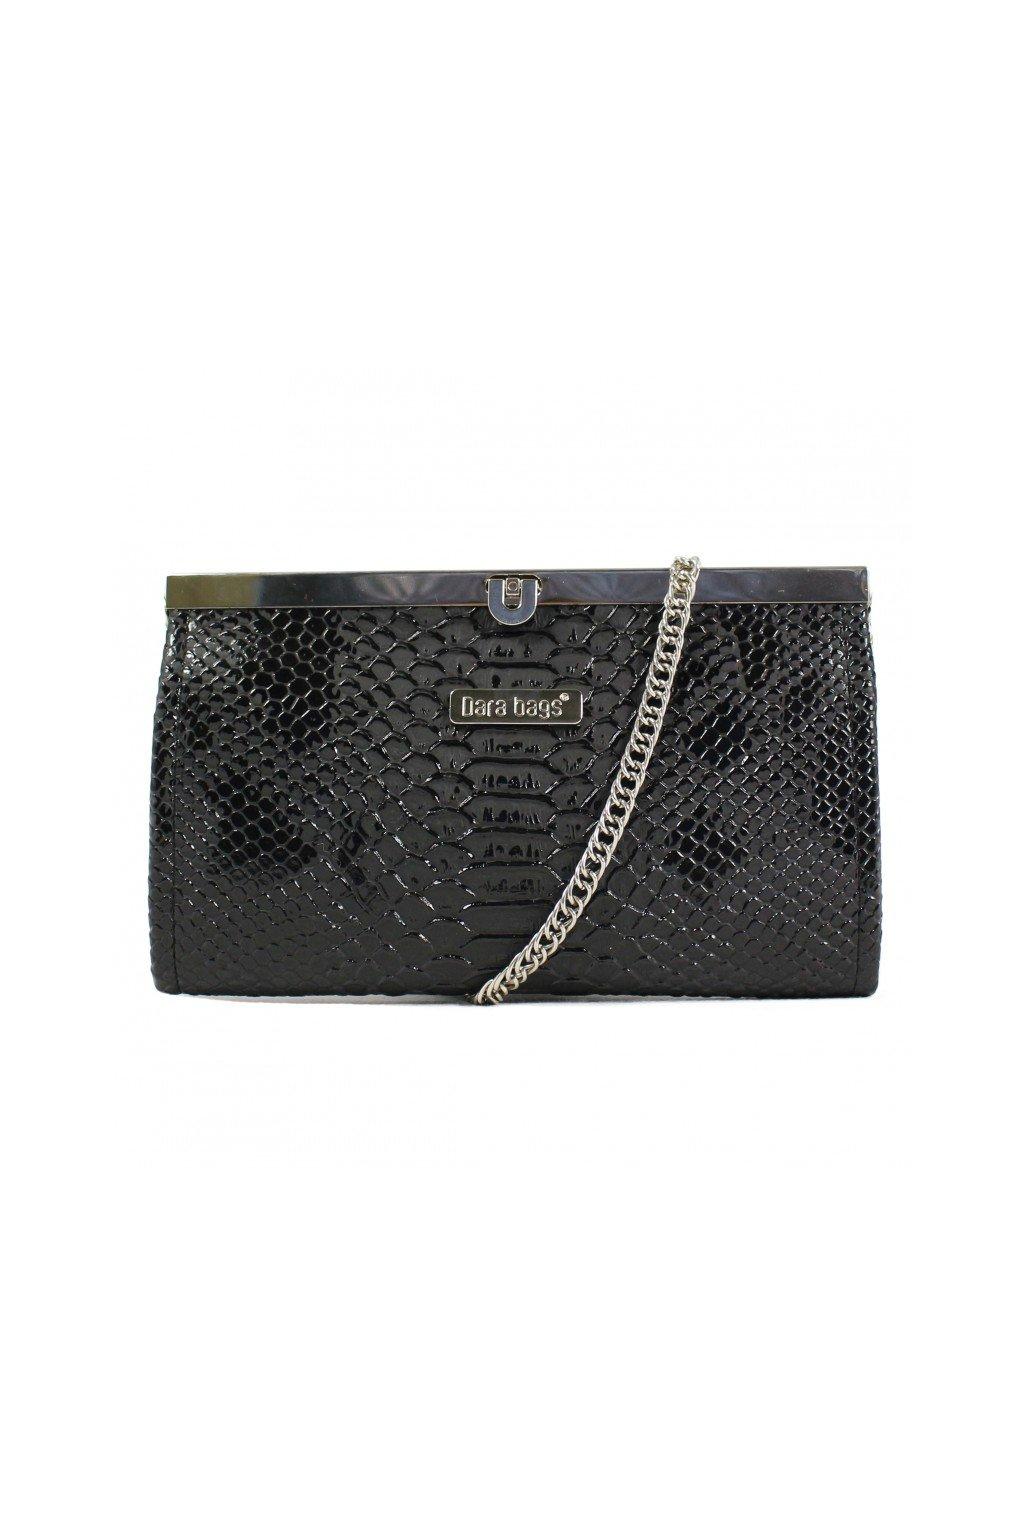 Elegantní malá kabelka Merci Dara bags černá 1